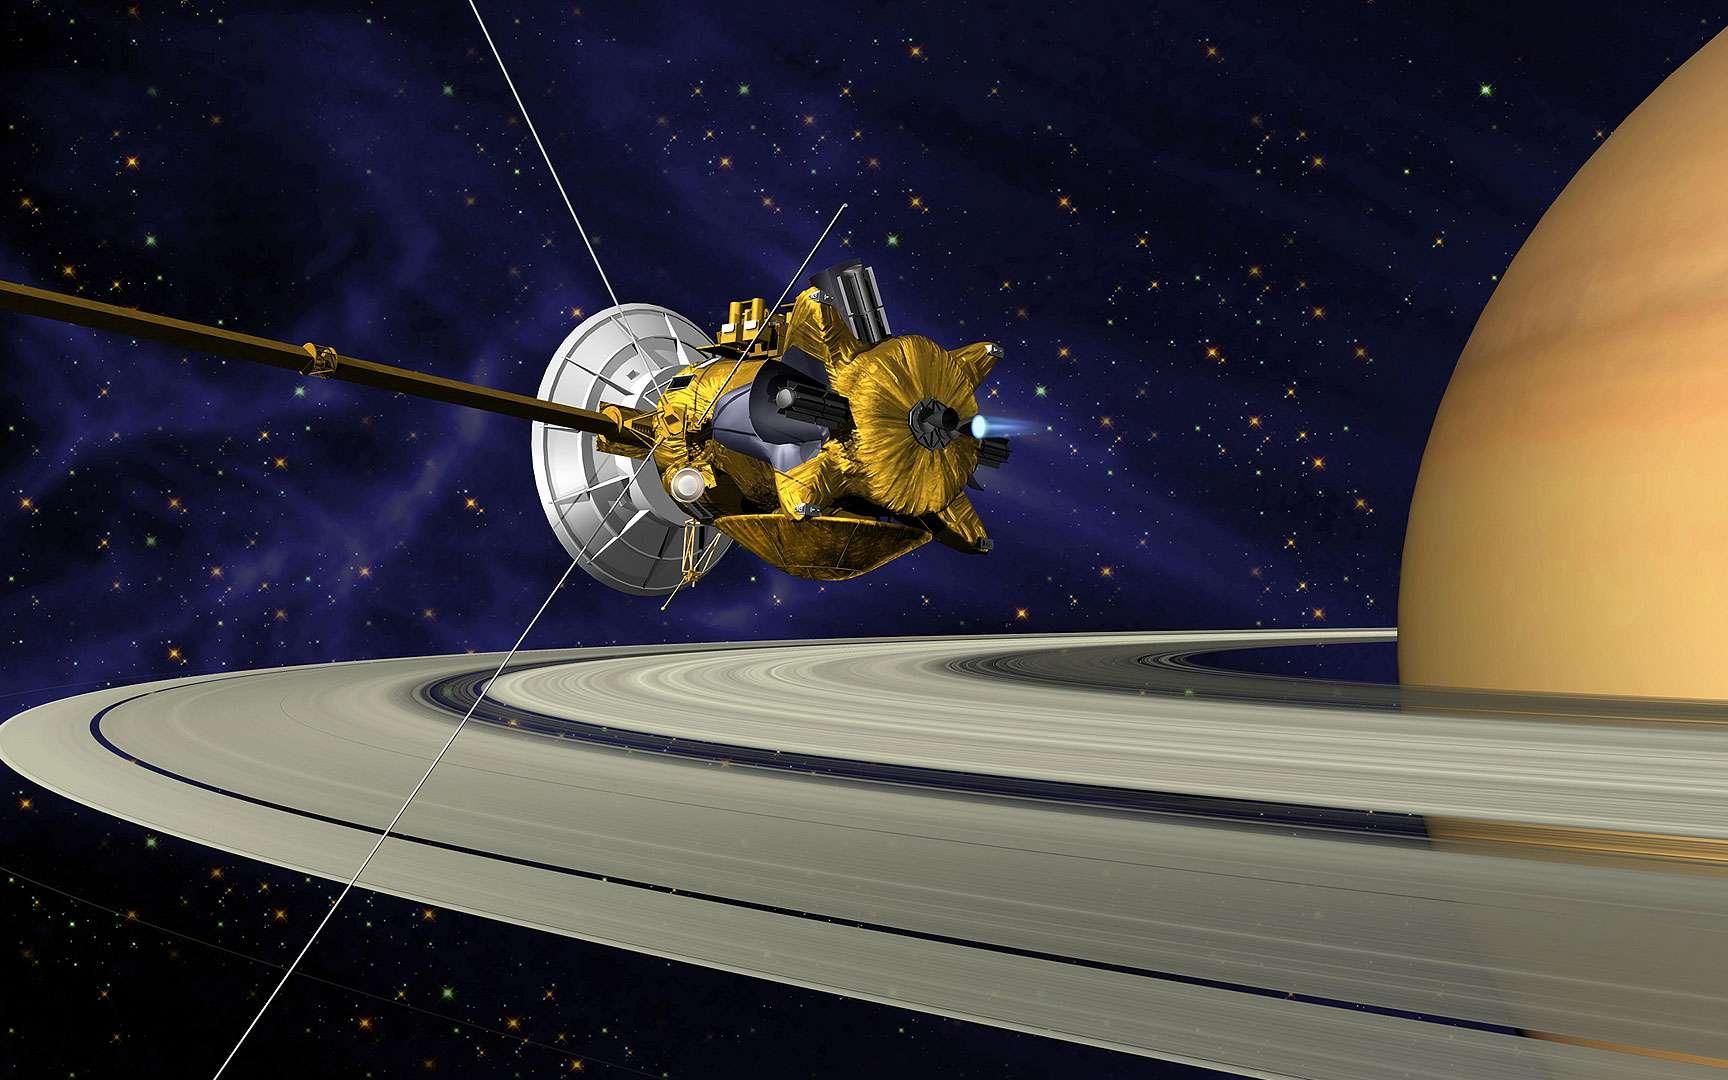 Prometheus et les anneaux de Saturne. Image extraordinaire d'un petit satellite de Saturne,Prometheus,perturbant un de ses anneaux et accrétant du matériel de celui-ci. Pour en savoir plus: http://sci.esa.int/science-e/www/object/index.cfm?fobjectid=35229&fbodylongid=1712